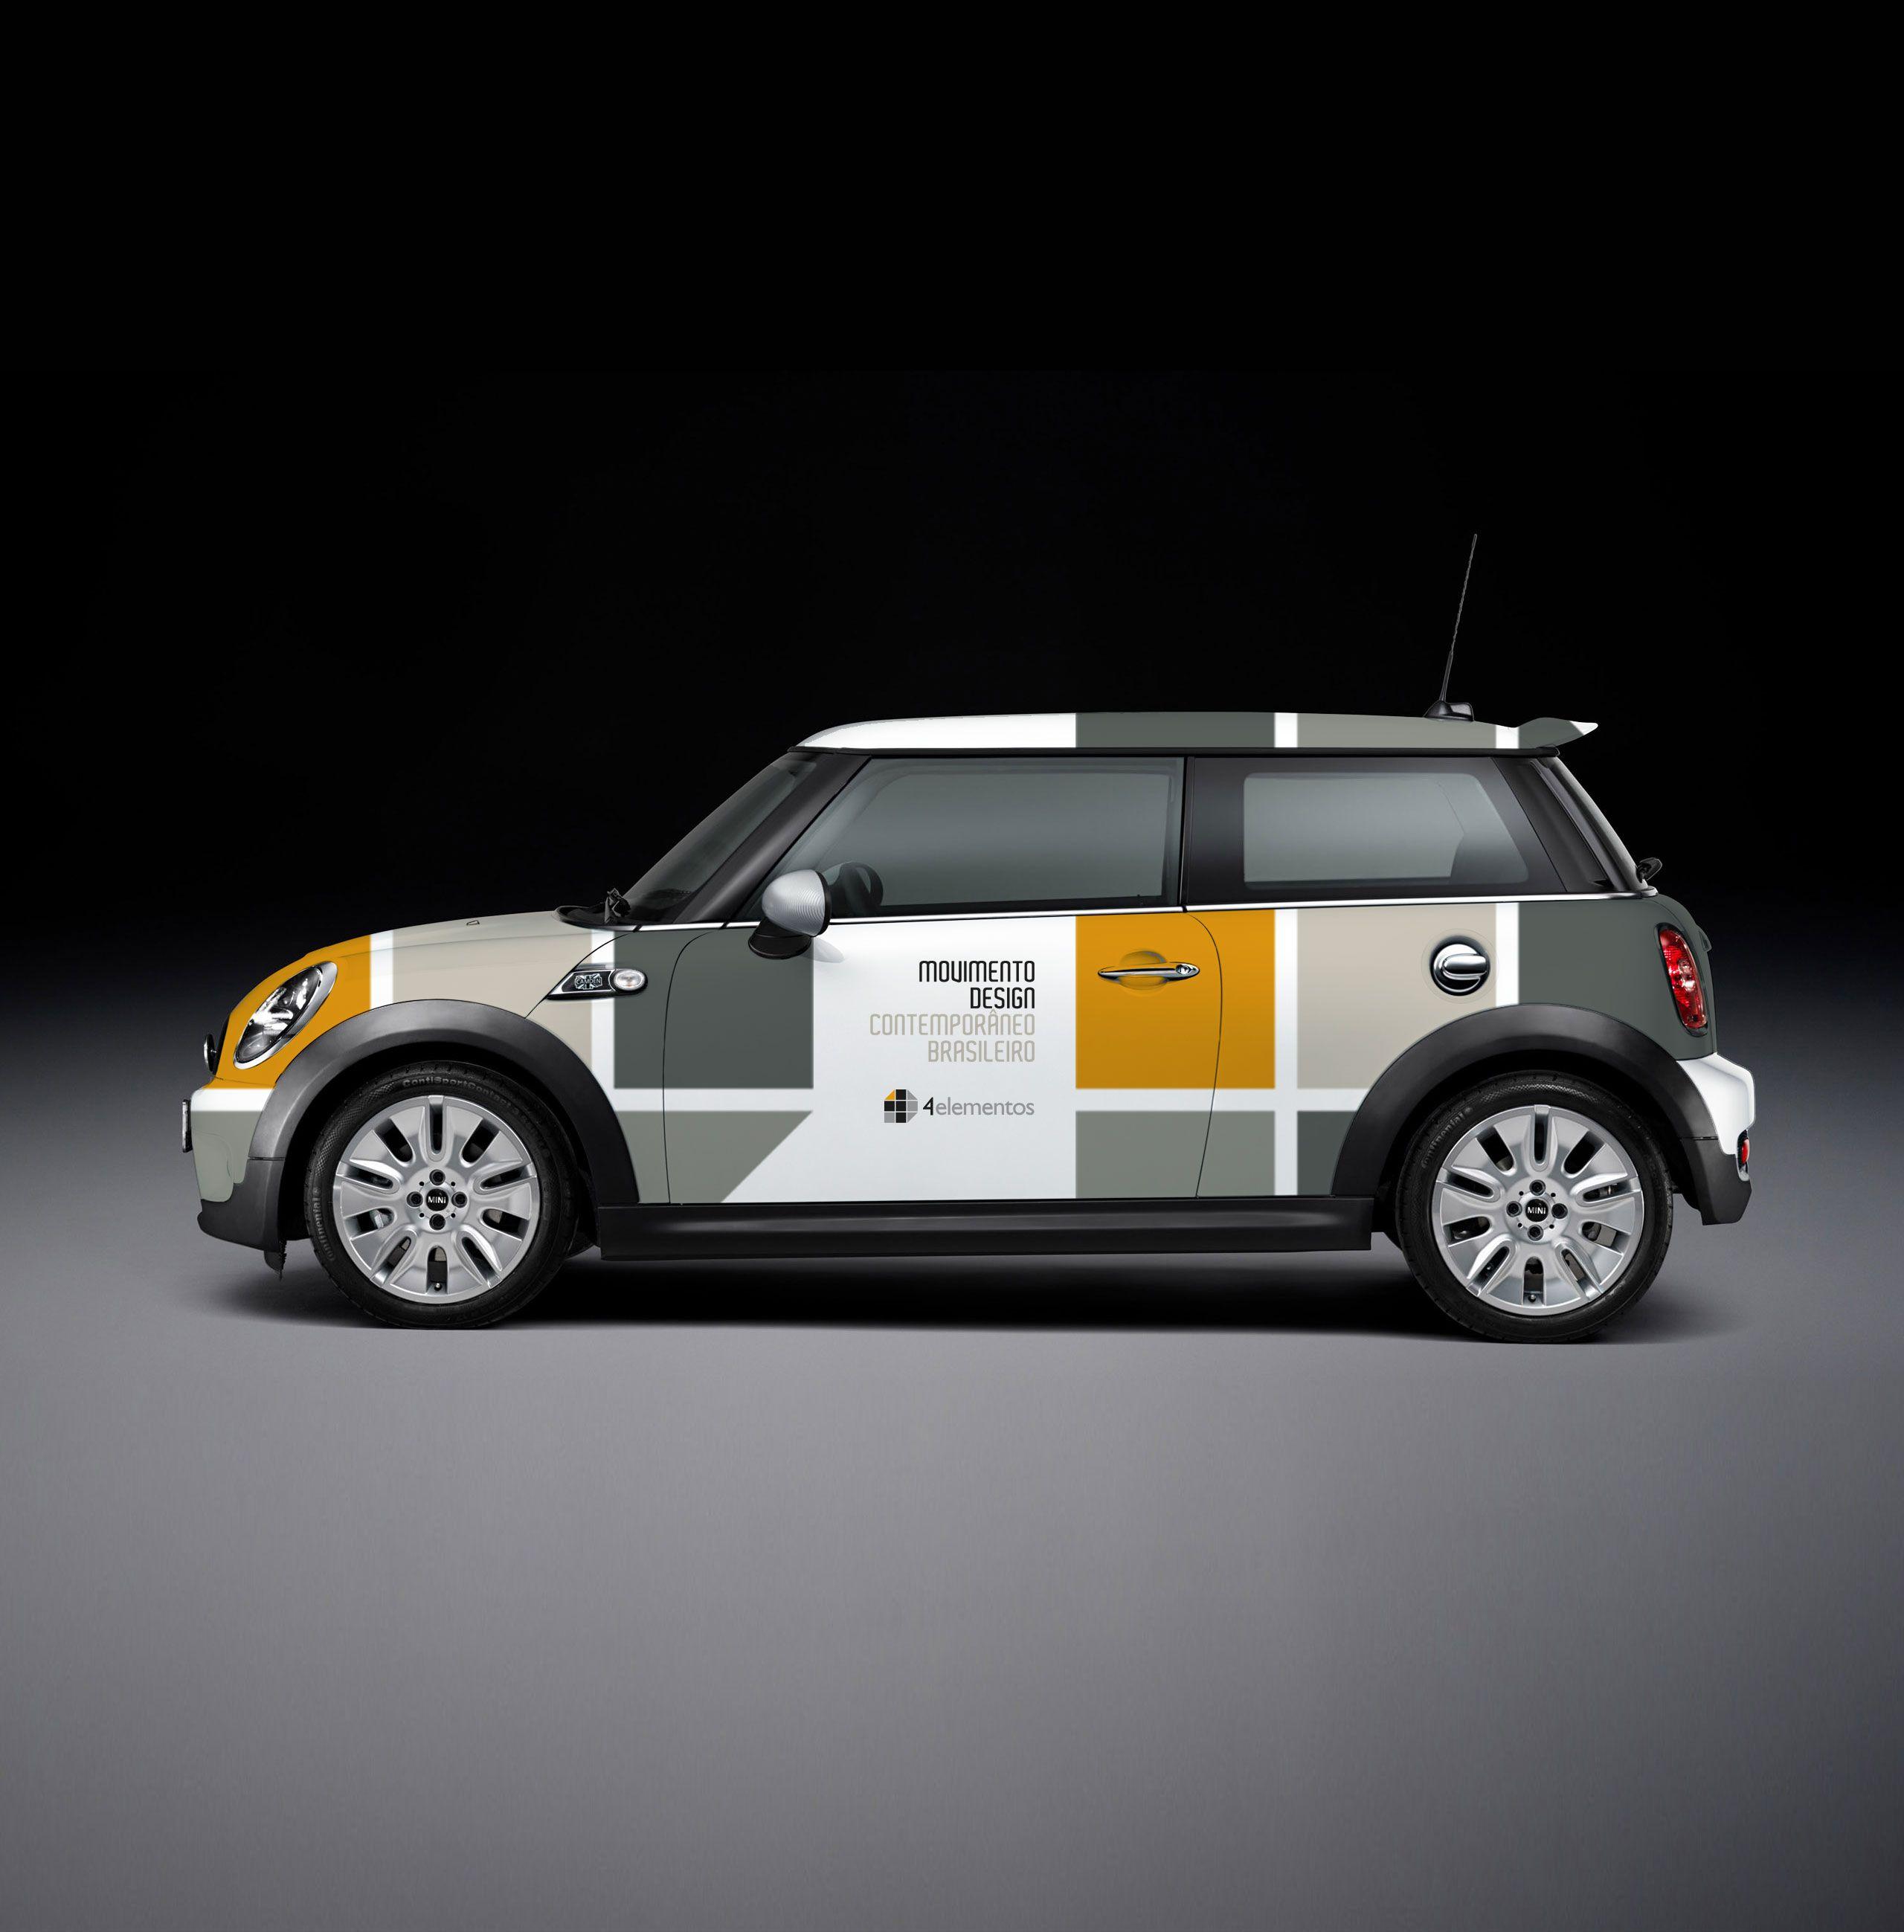 Carro personalizado para a Loja 4 Elementos.